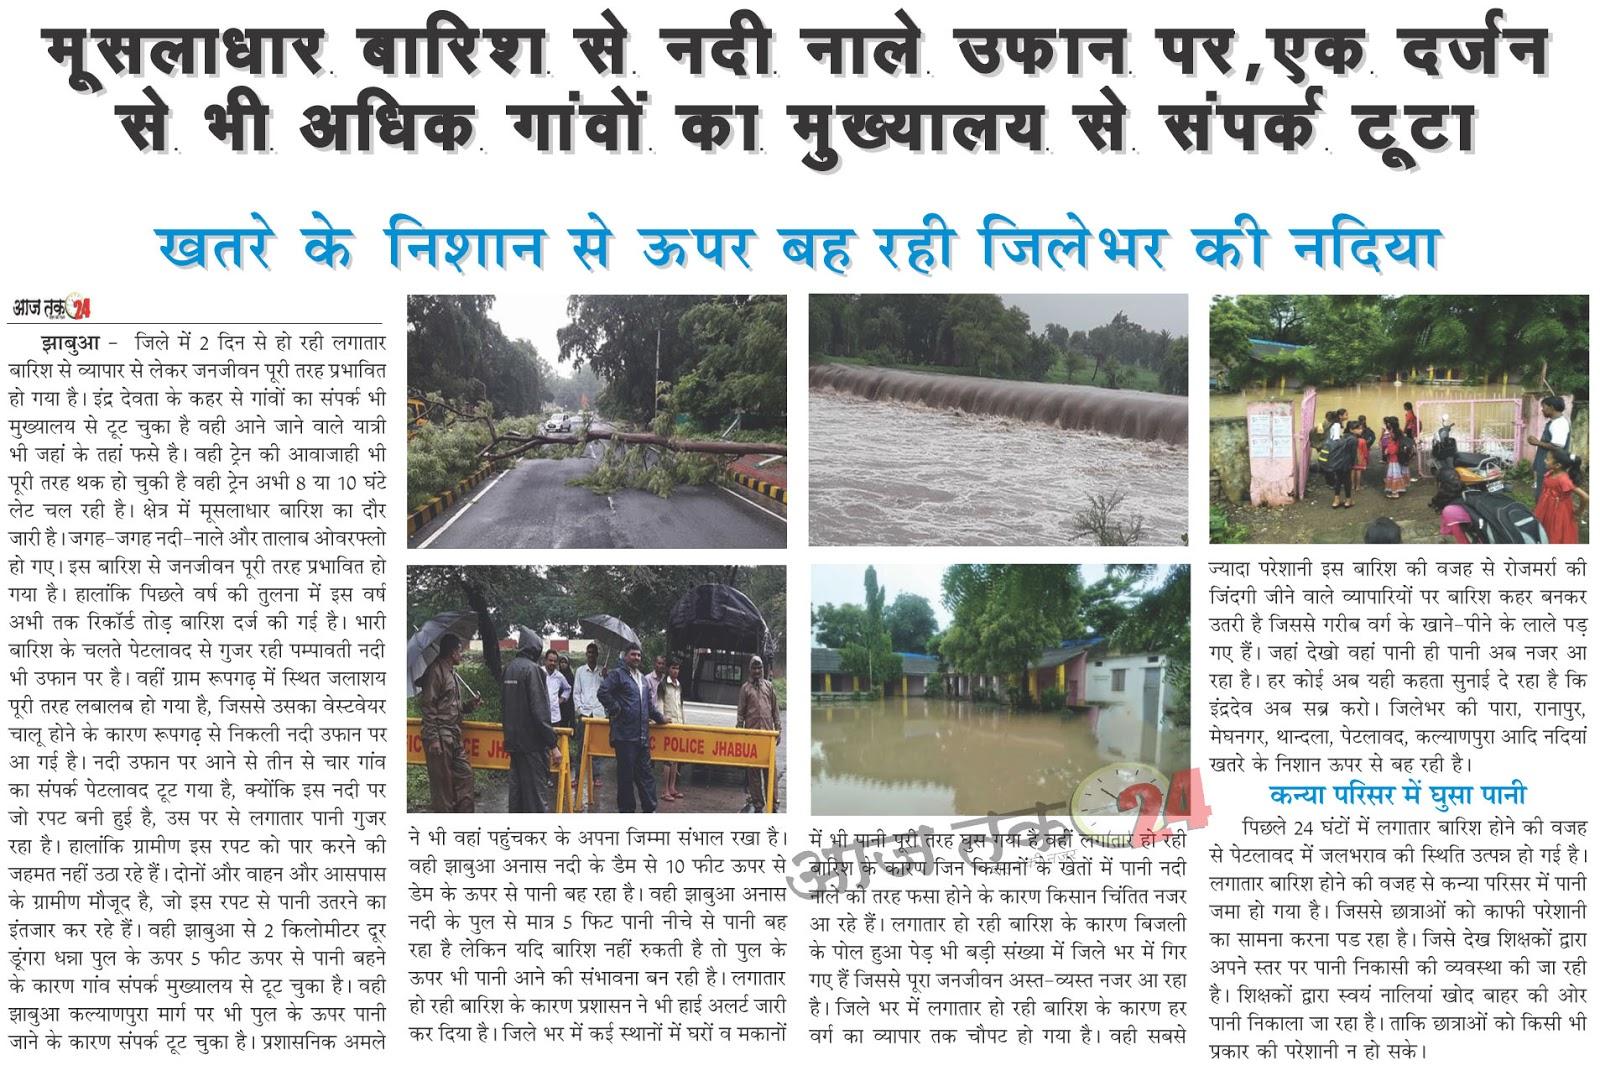 मूसलाधार बारिश से नदी नाले उफान पर एक दर्जन से भी अधिक गांवों का मुख्यालय से संपर्क टूटा | musladhar barish se ndi nale ufan per ek darjan se bhi adhik